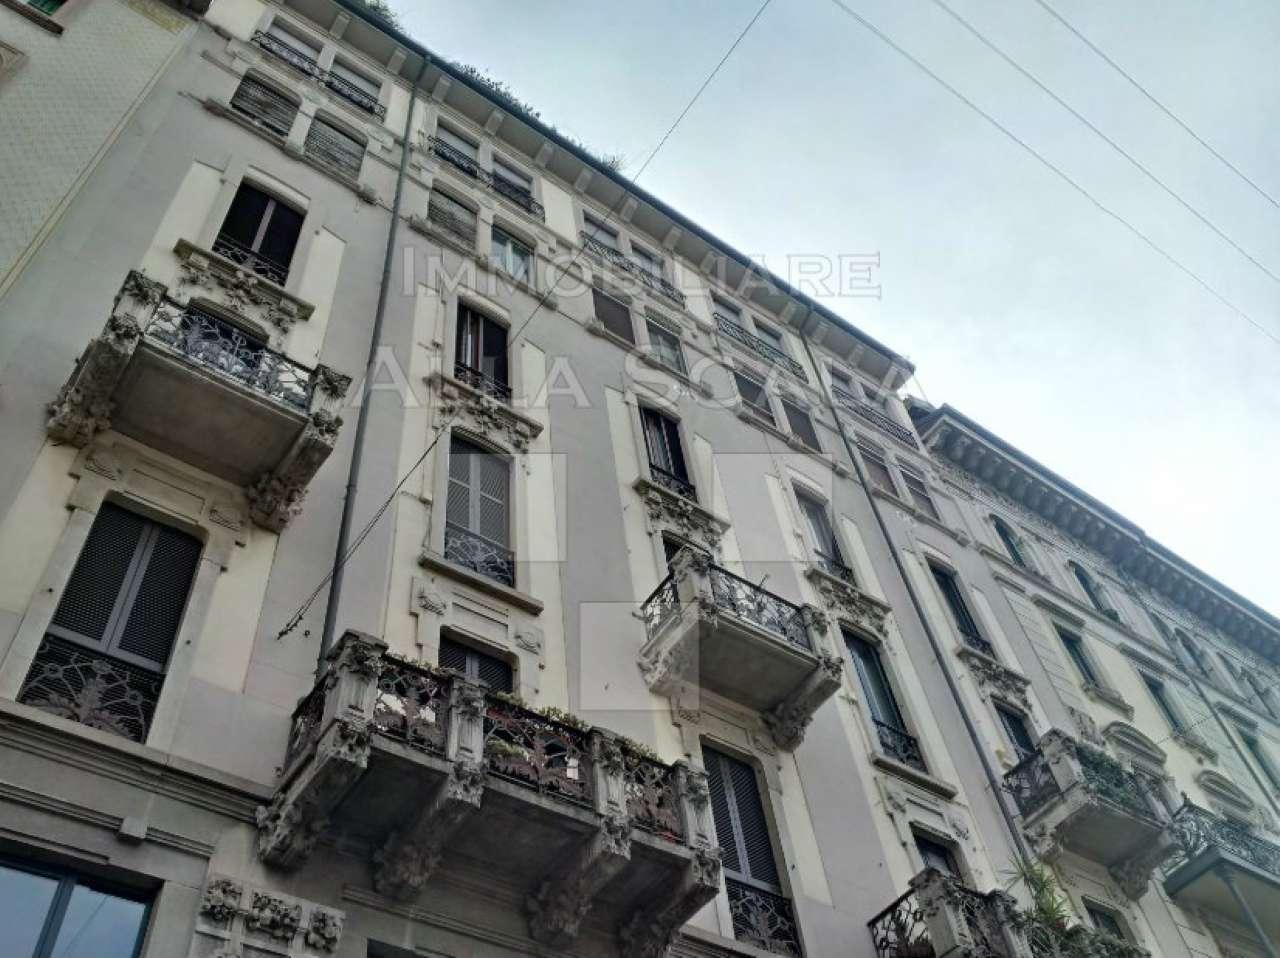 Appartamento in vendita a Milano, 4 locali, zona Zona: 4 . Buenos Aires, Indipendenza, P.ta Venezia, Regina Giovanna, Dateo, prezzo € 595.000 | Cambio Casa.it